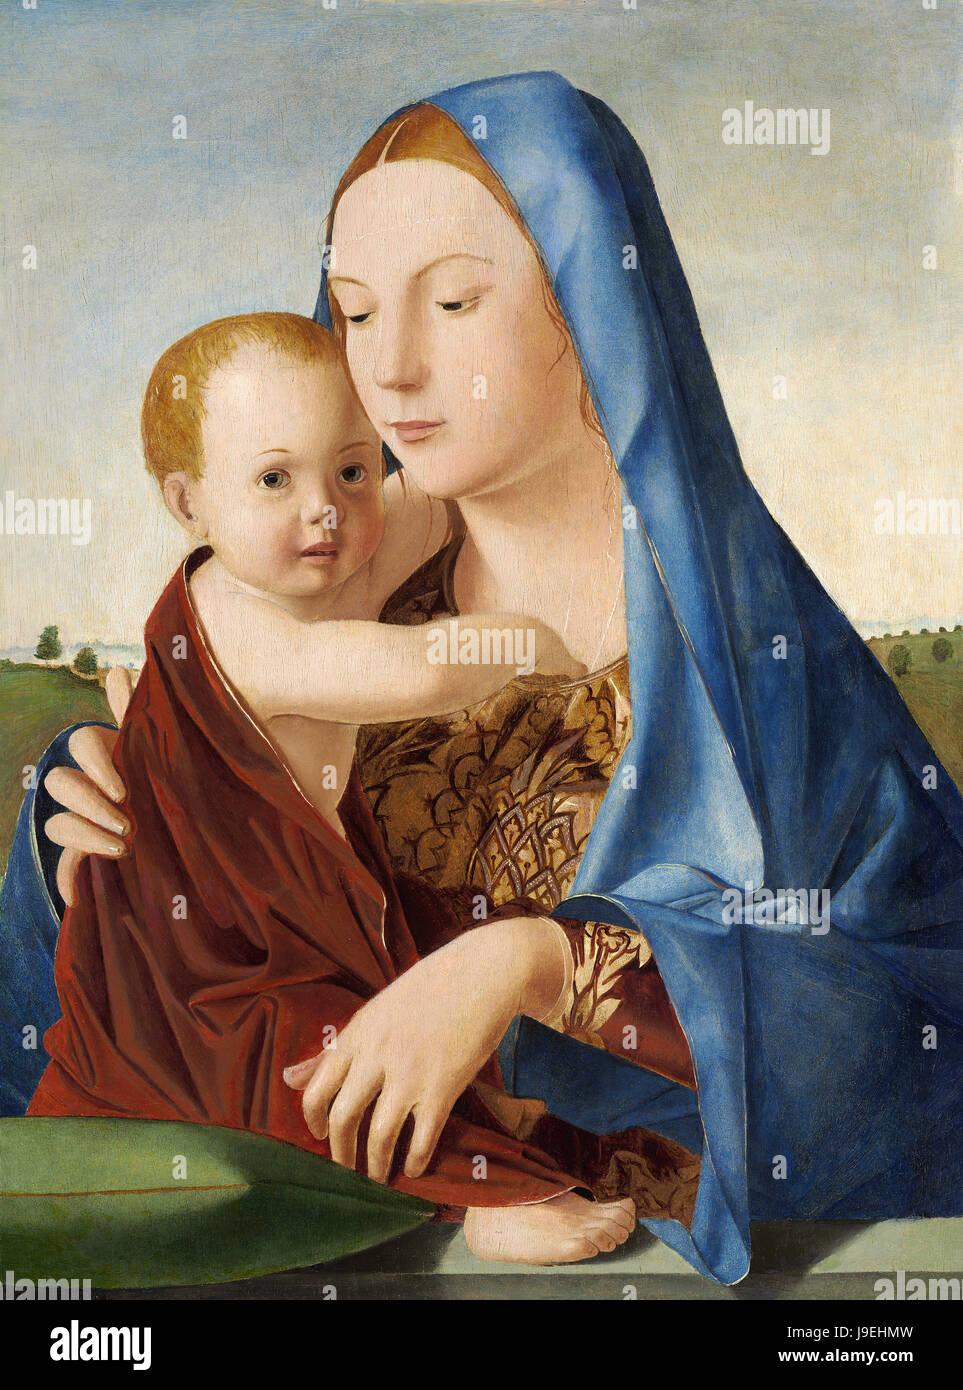 Antonello Da Messina  - Madonna and Child Stock Photo